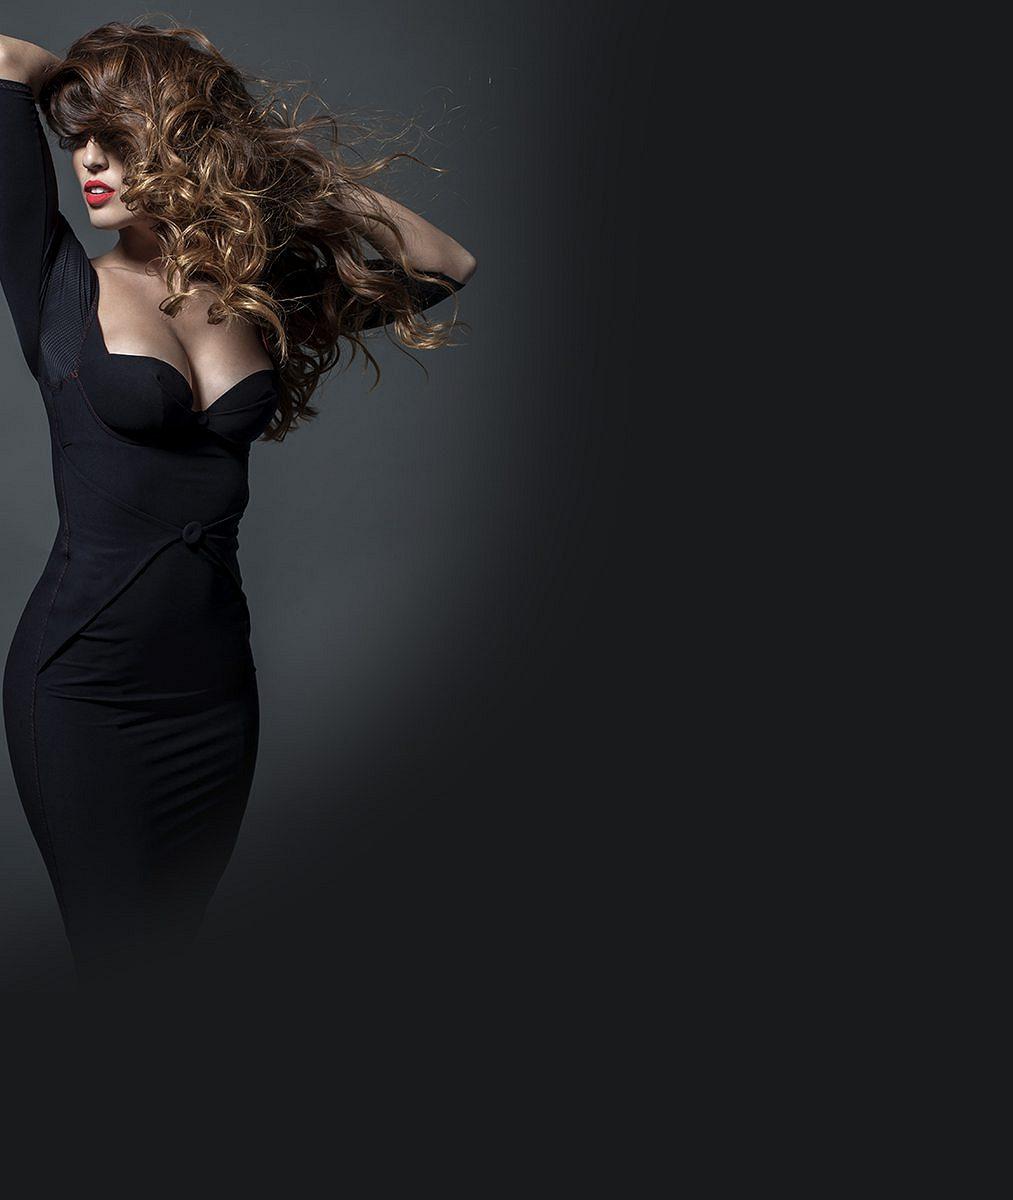 Není božská? Jedna z nejkrásnějších zpěvaček poodkryla po dvou dětech své vylepšené vnady